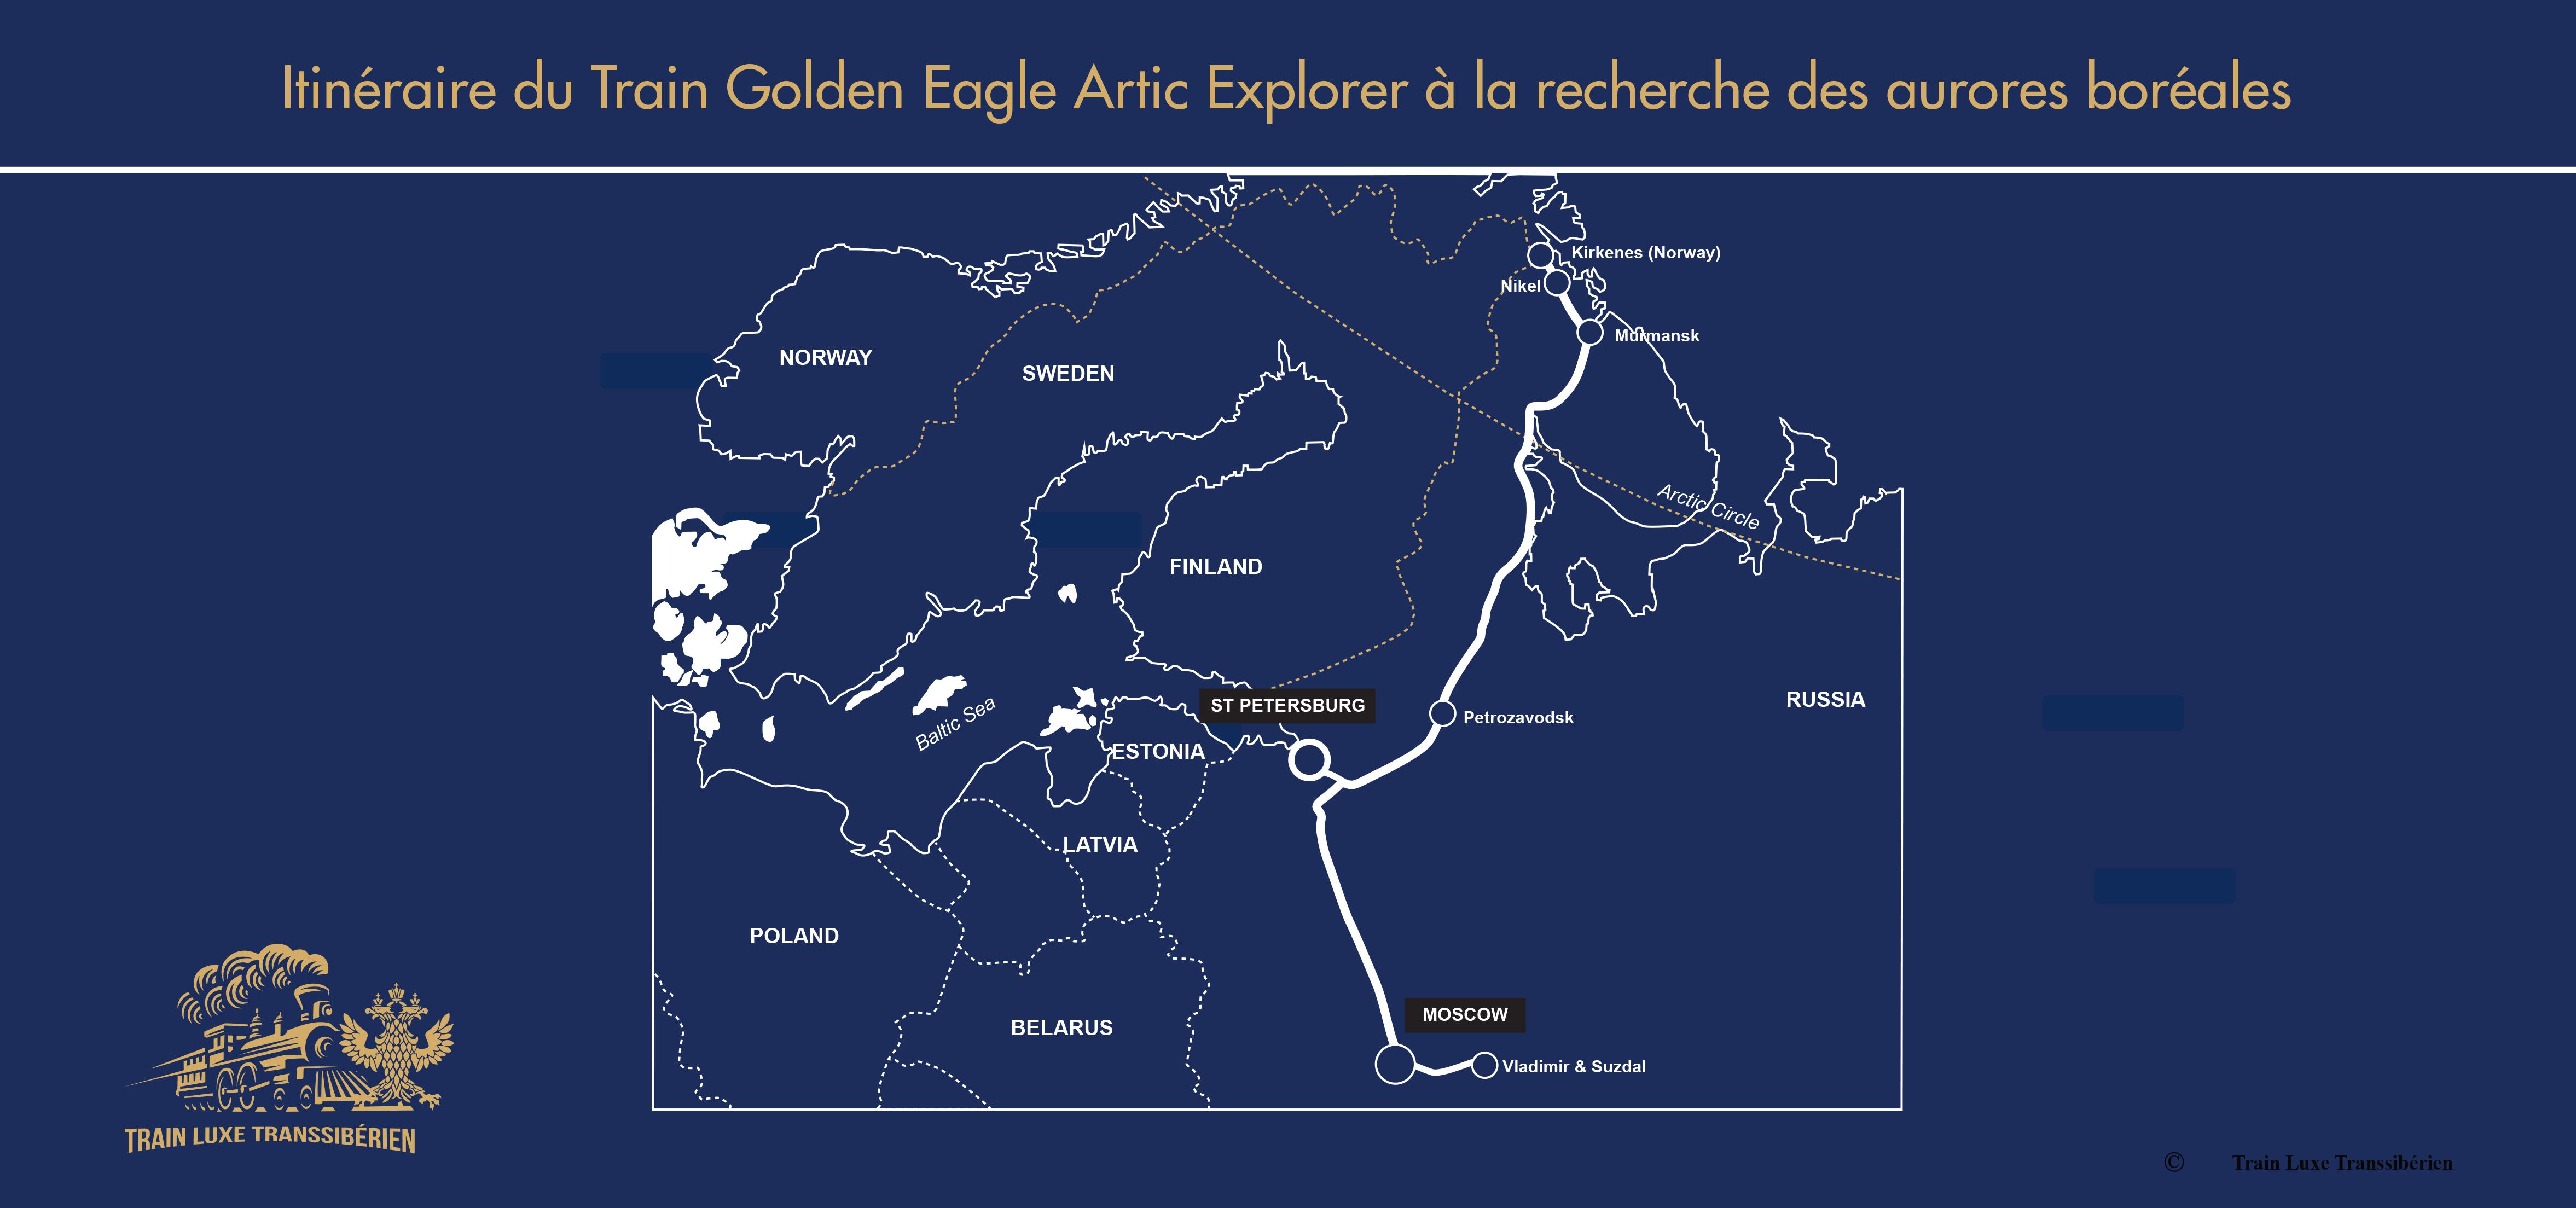 Itinéraire-carte-du-Artic-Explorer-Train-Golden-Eagle-à-la-recherche-des-aurores-boréales